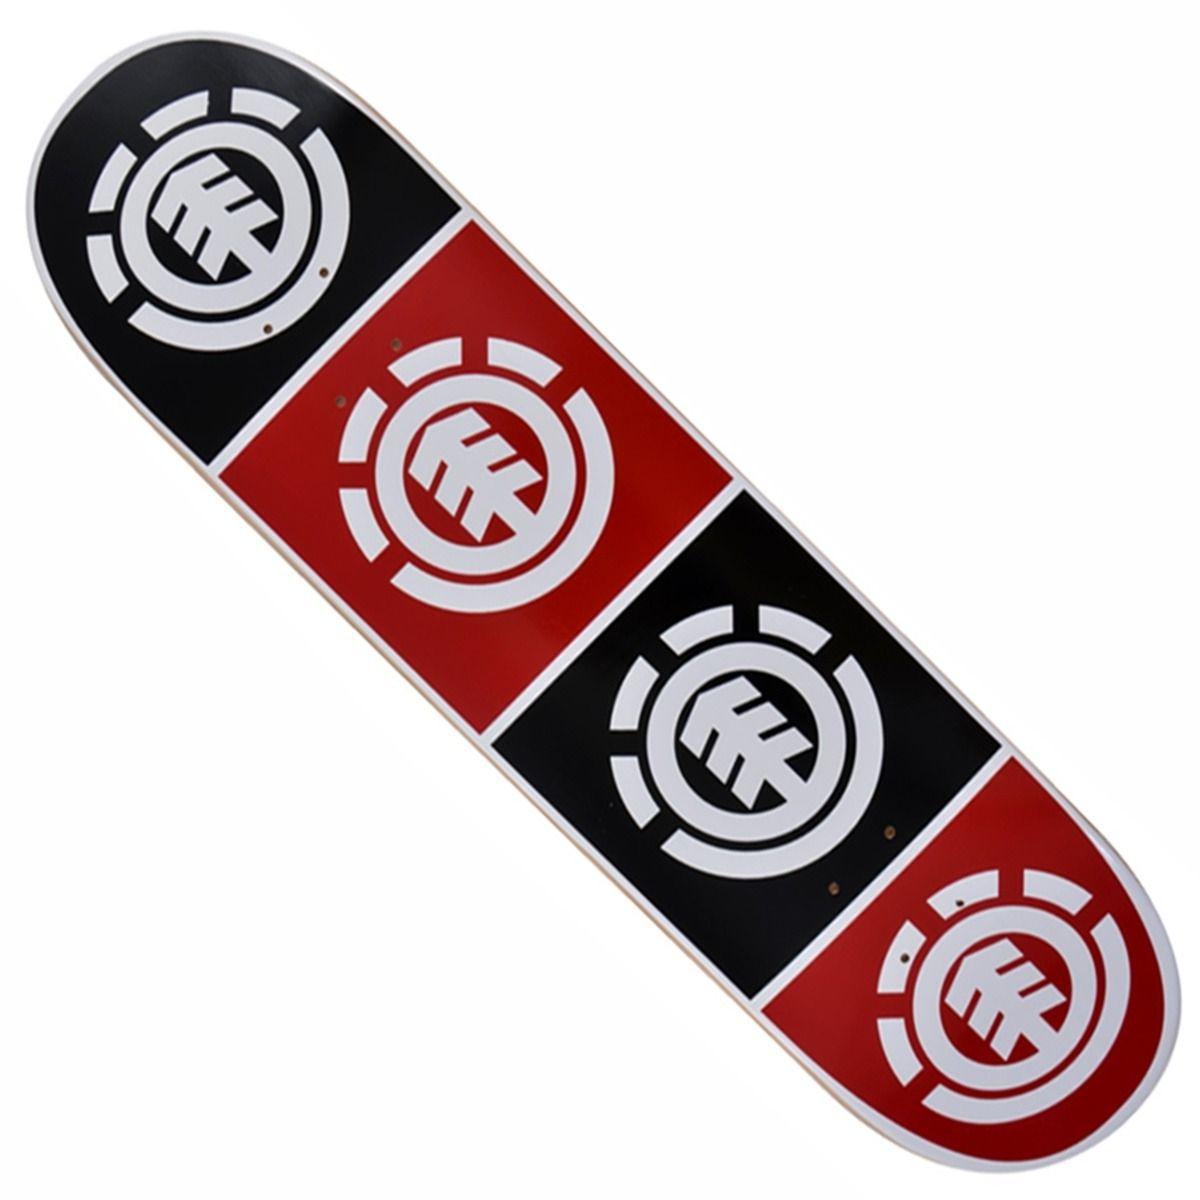 Skate Element Montado Completo Quadrant Moska Crail Preto/Vermelho